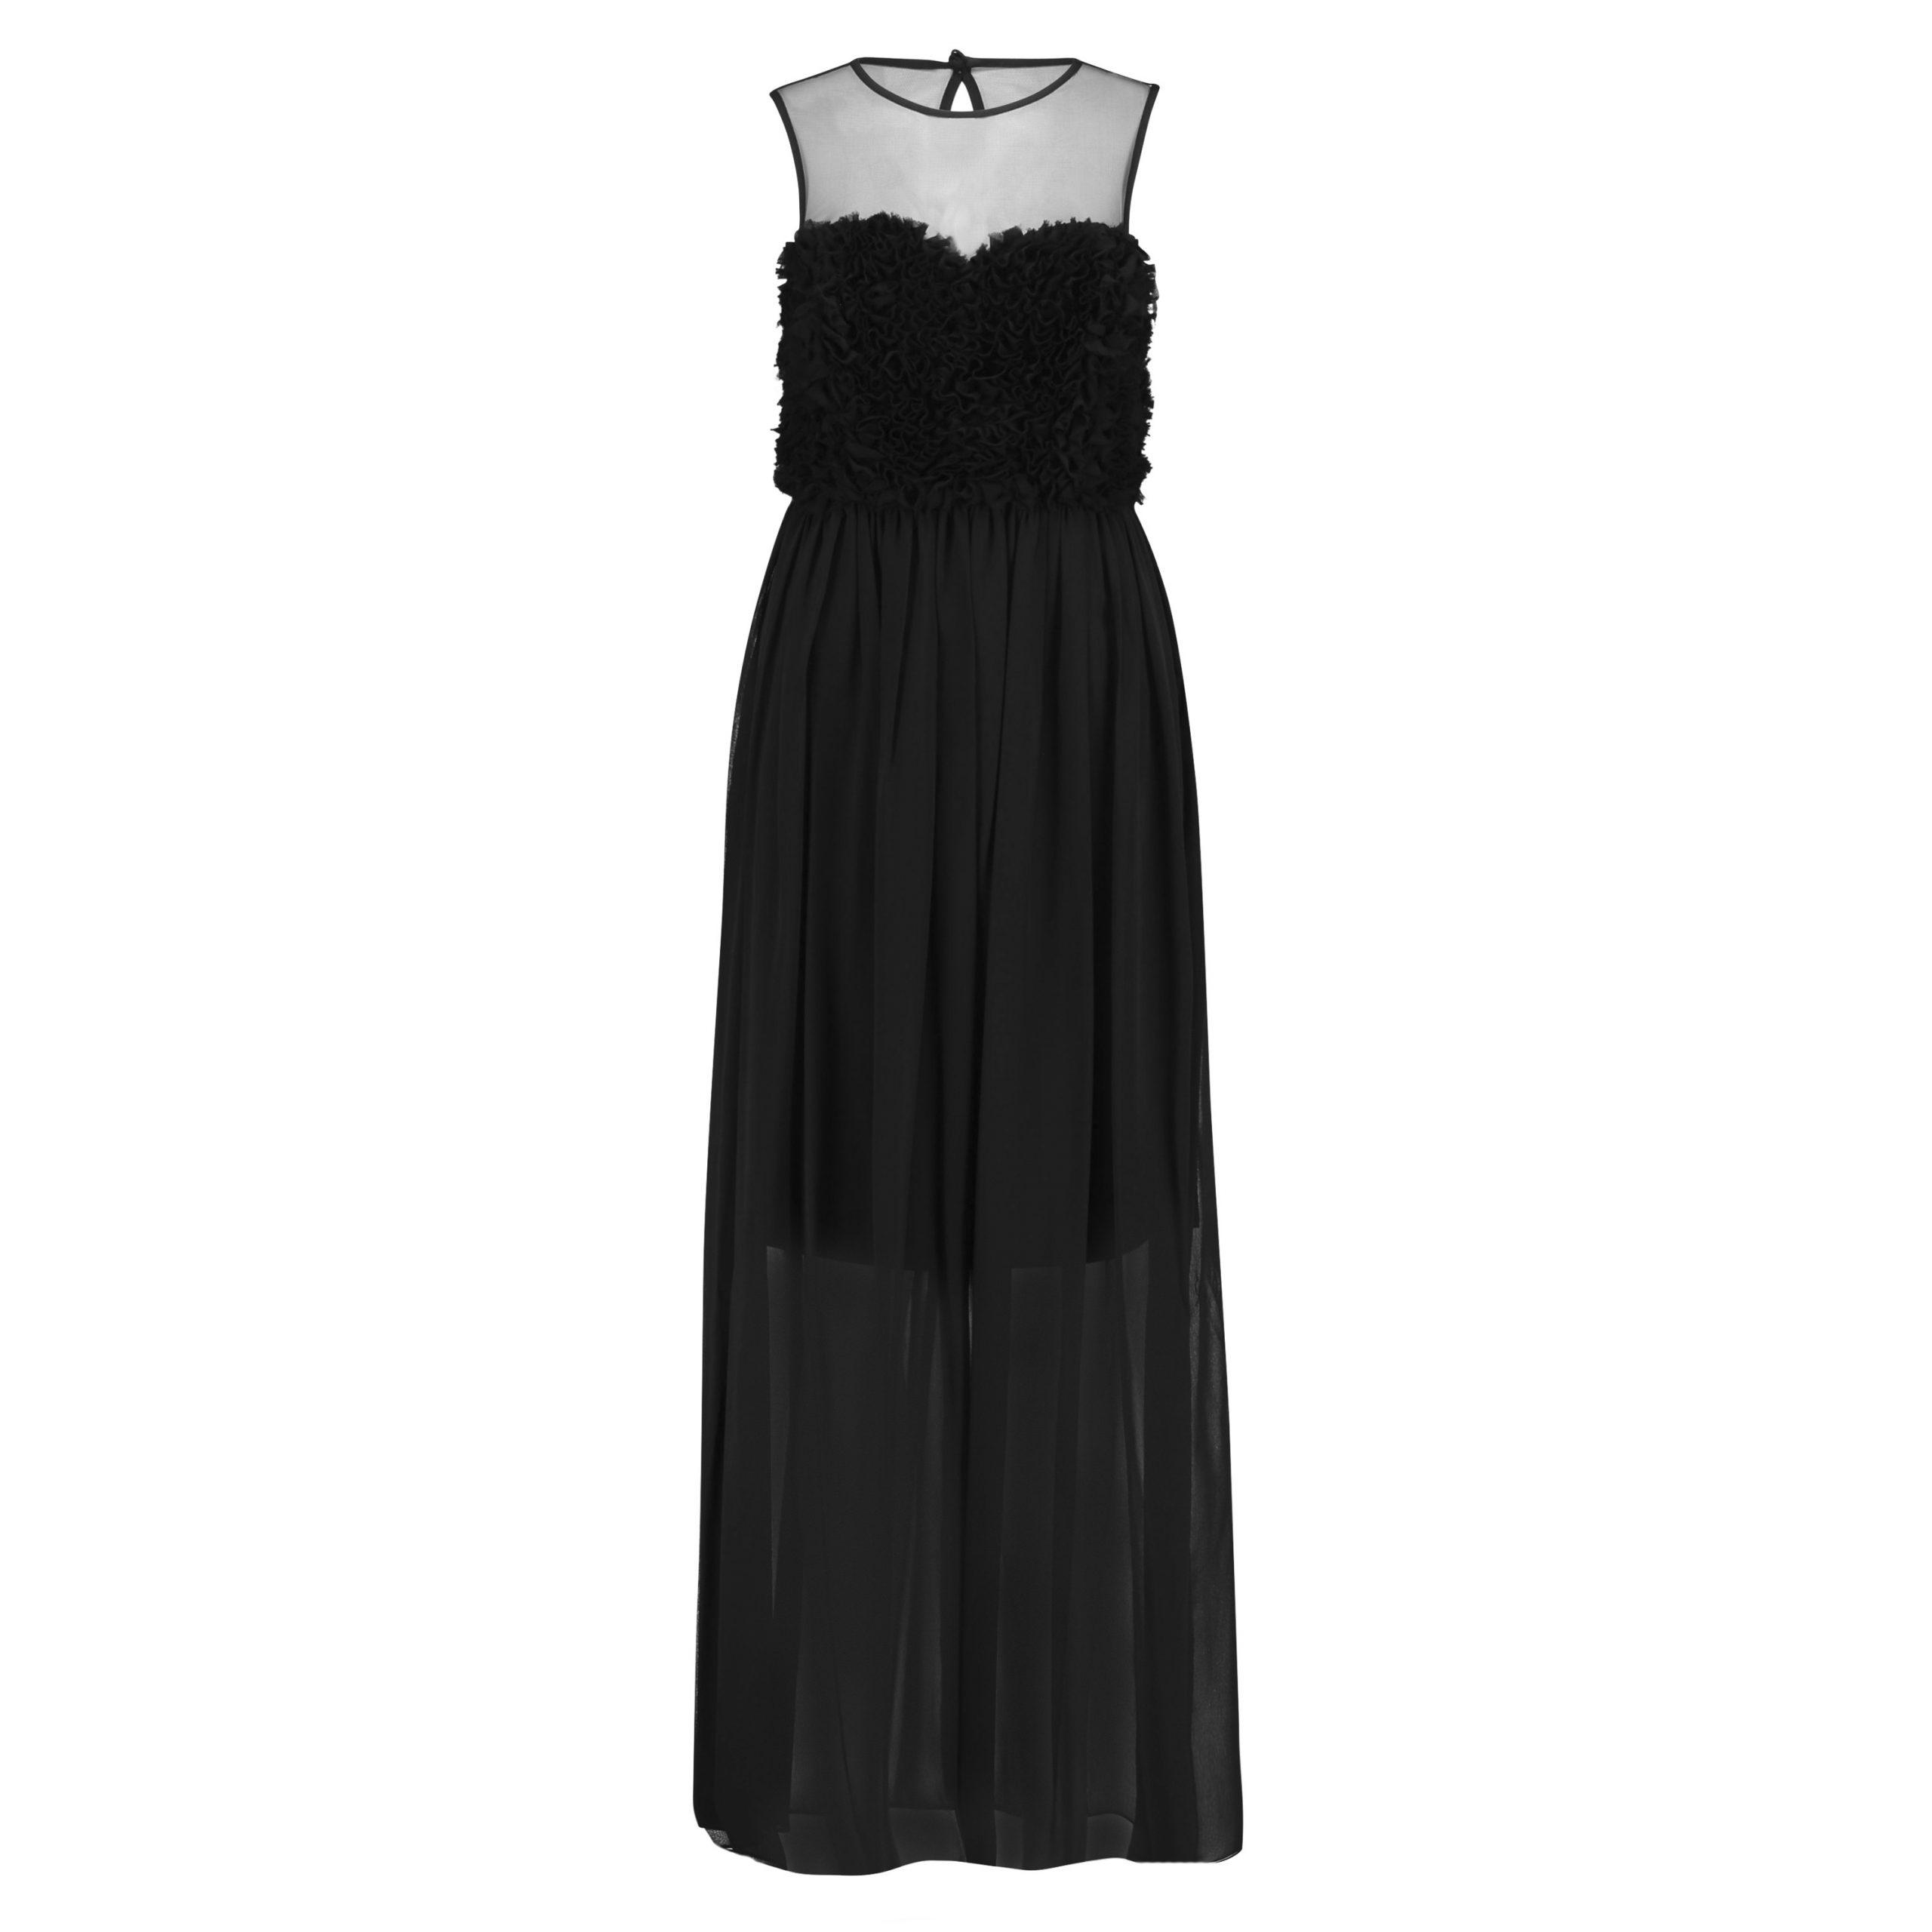 Abend Coolste Abendkleid Xxs Stylish Kreativ Abendkleid Xxs Design